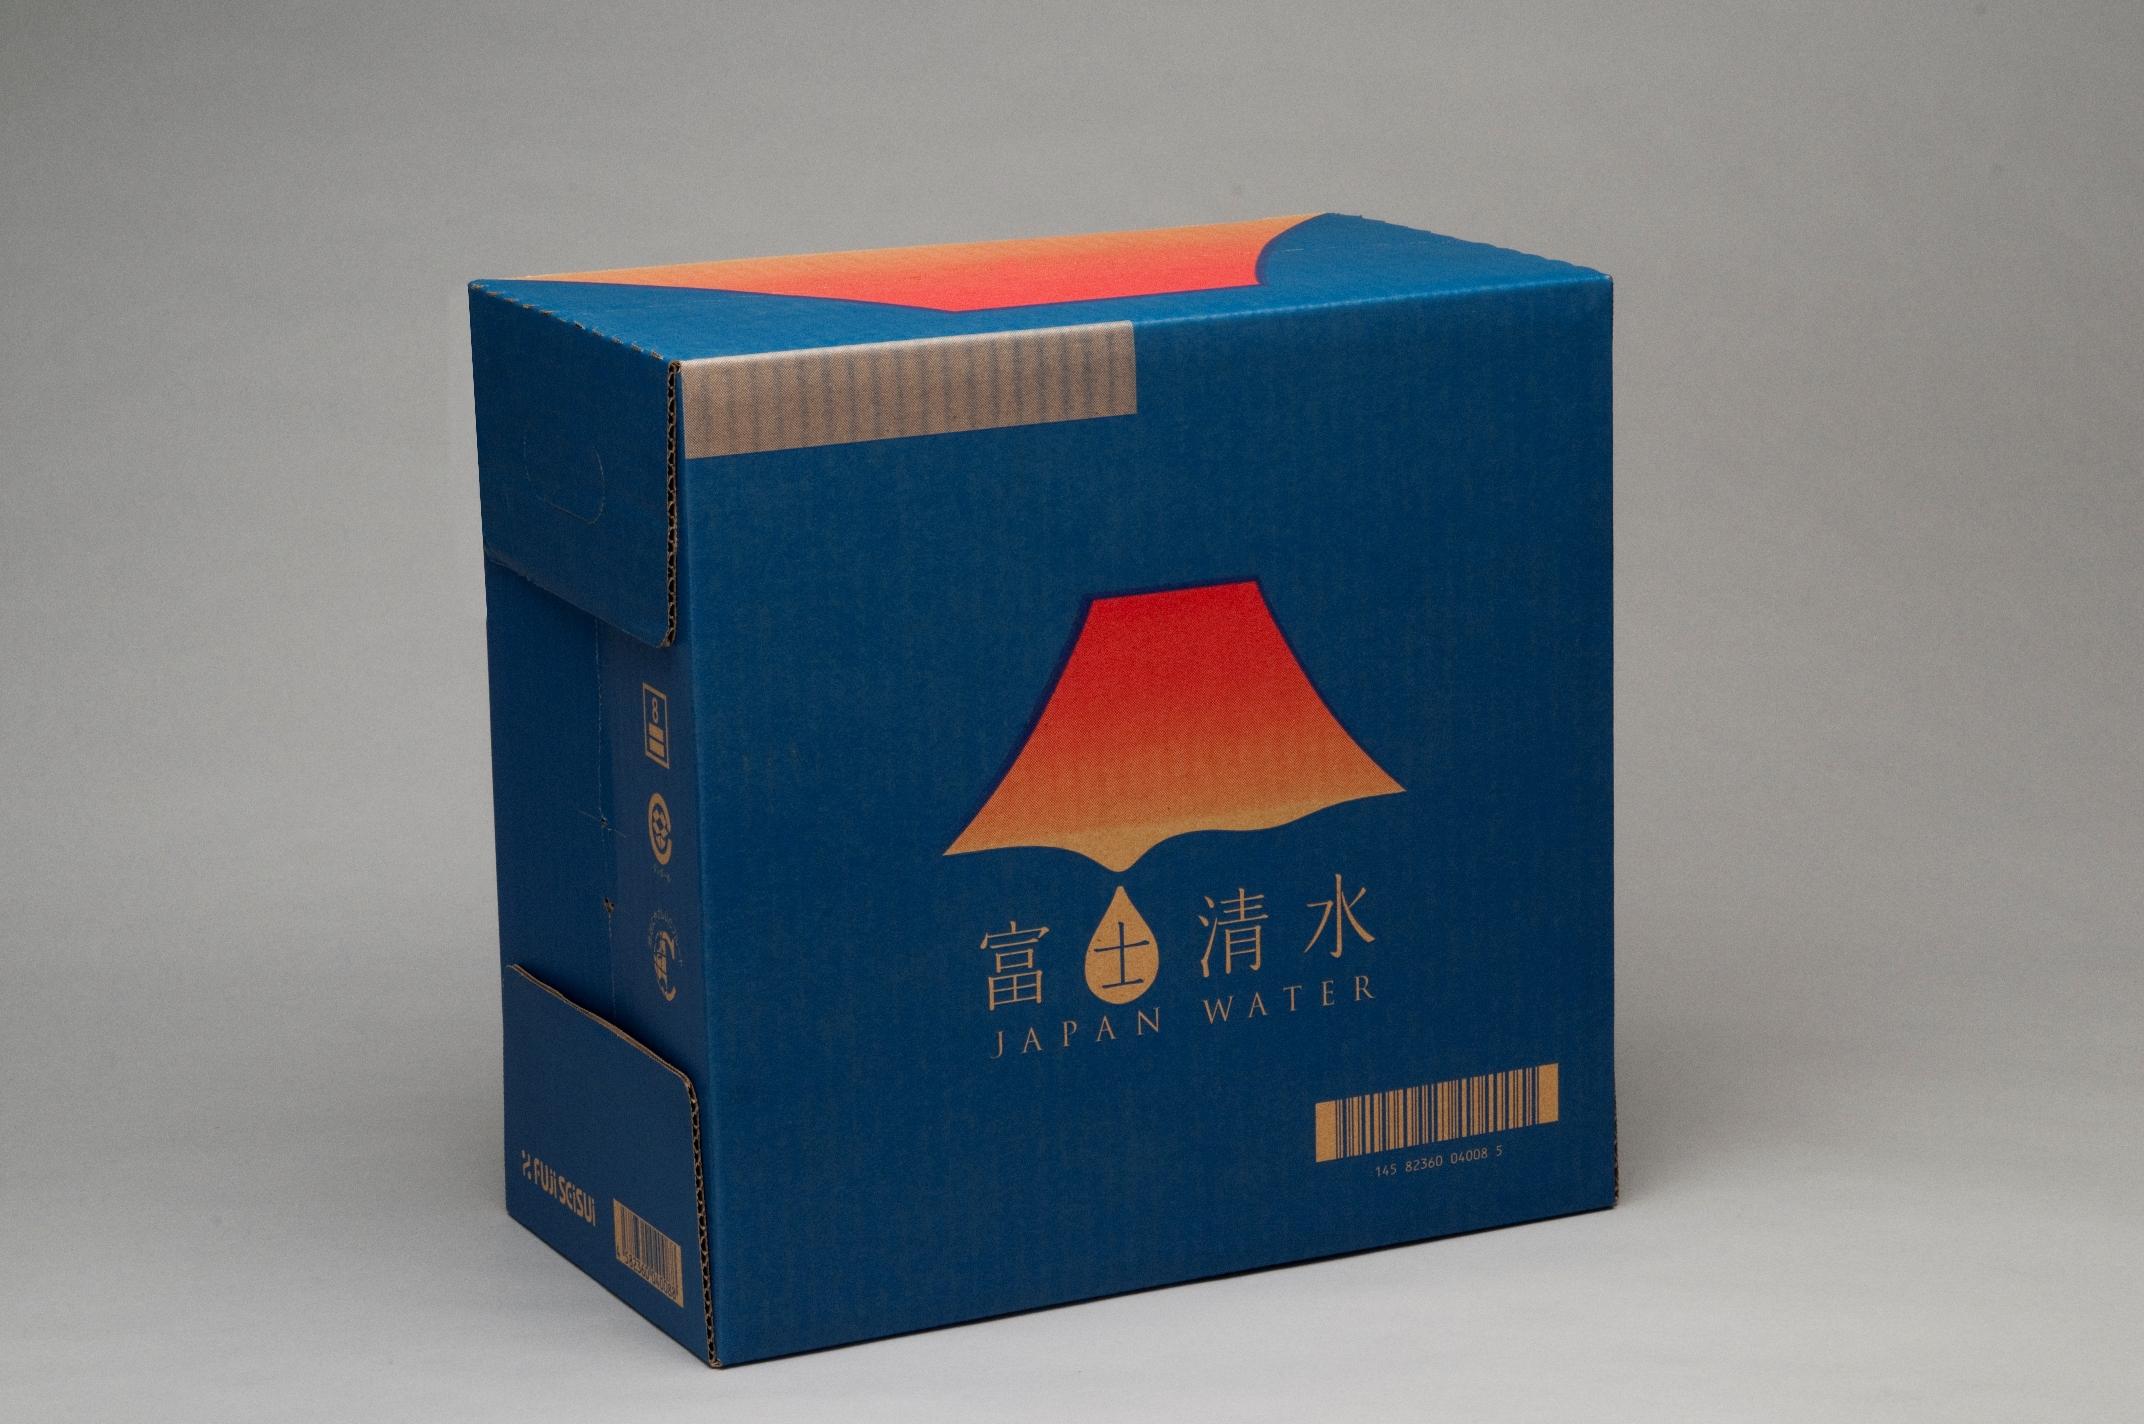 ミツウロコビバレッジ 富士清水 JAPAN WATER 富士山のバナジウム天然水 2L×6本×2箱セット 送料無料